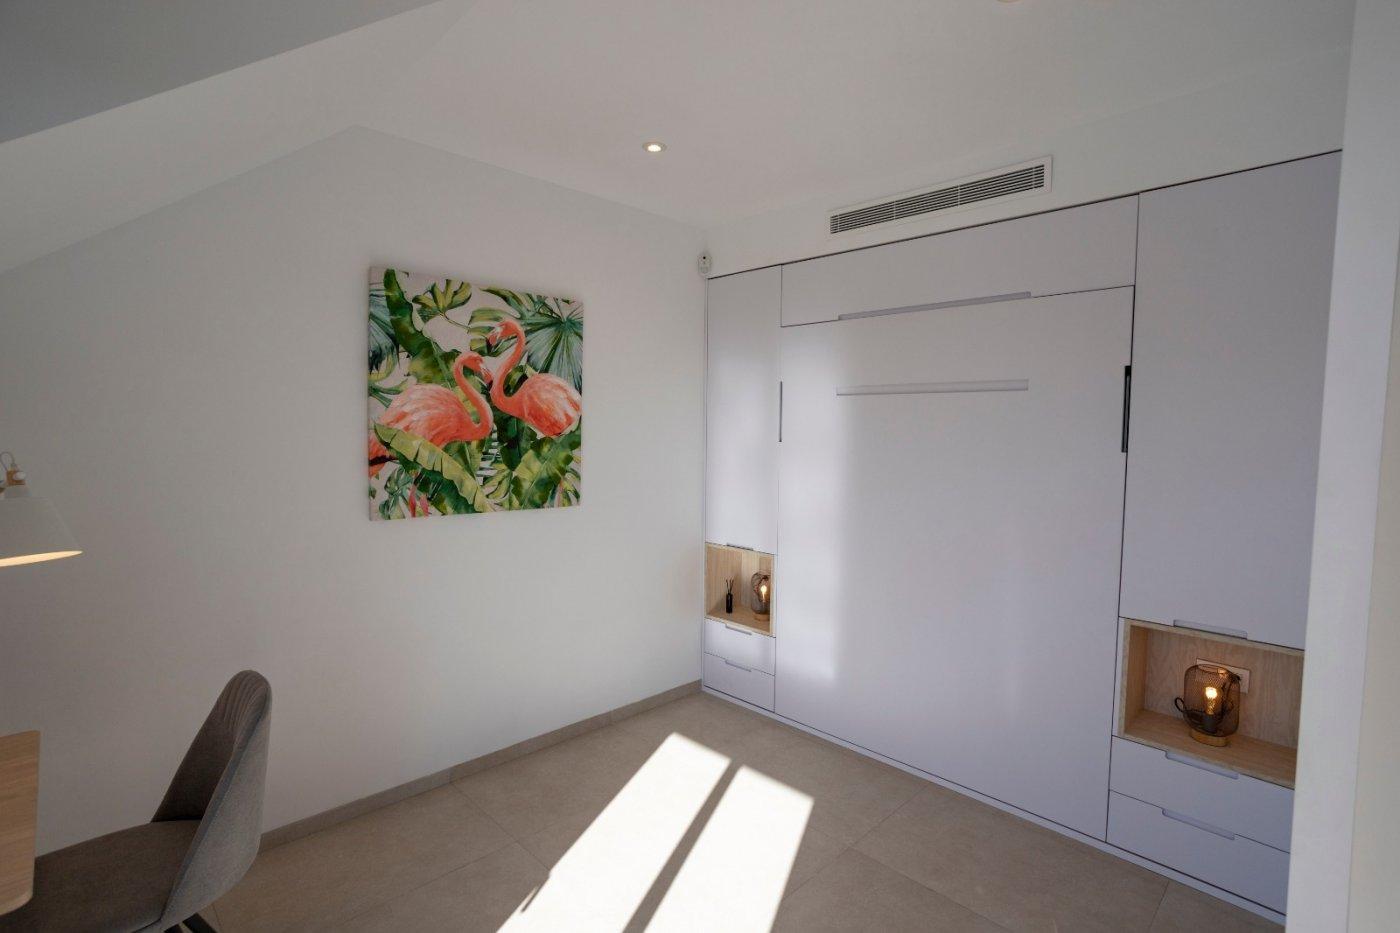 Apartamento moderno en san pedro del pinatar - imagenInmueble21